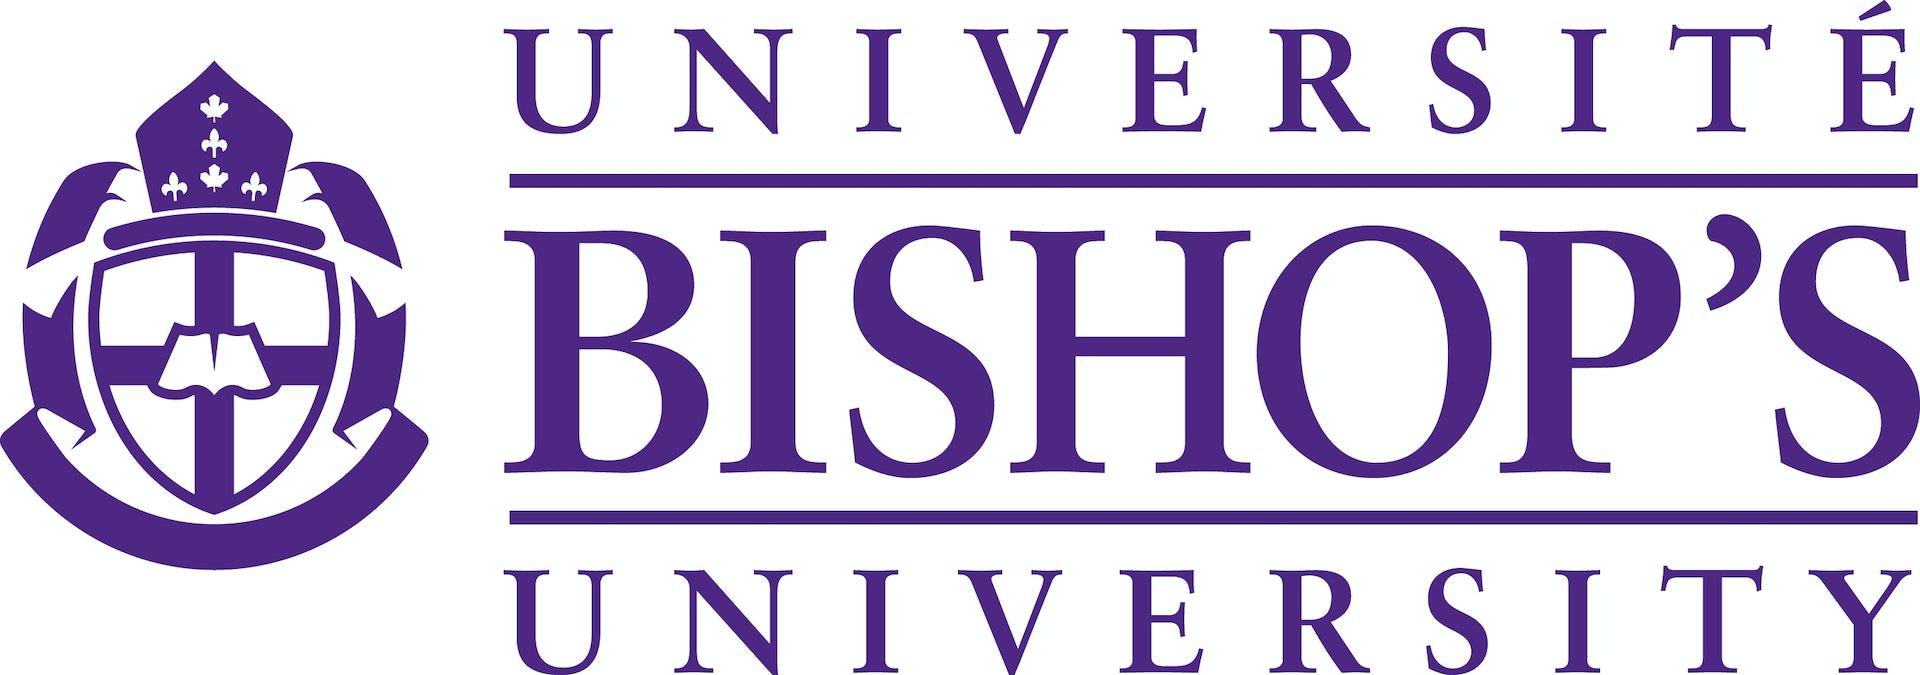 Logo 1522097376.jpg?ixlib=rb 1.1